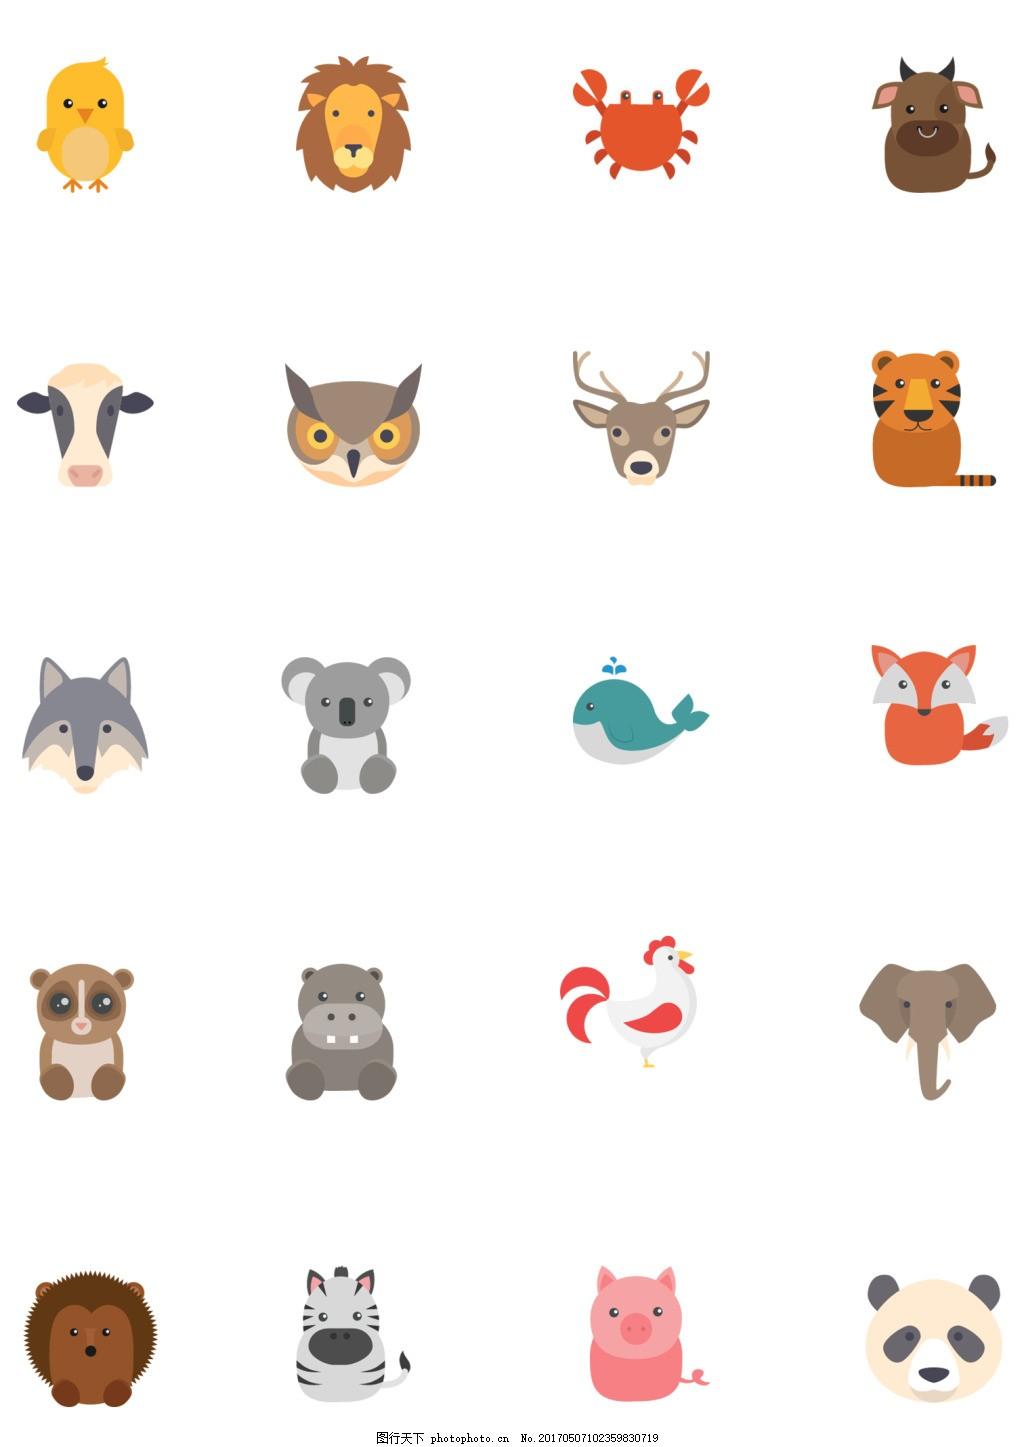 设计图库 界面设计 icon  动物小图标 动物图标 icon 矢量图标 小鸡